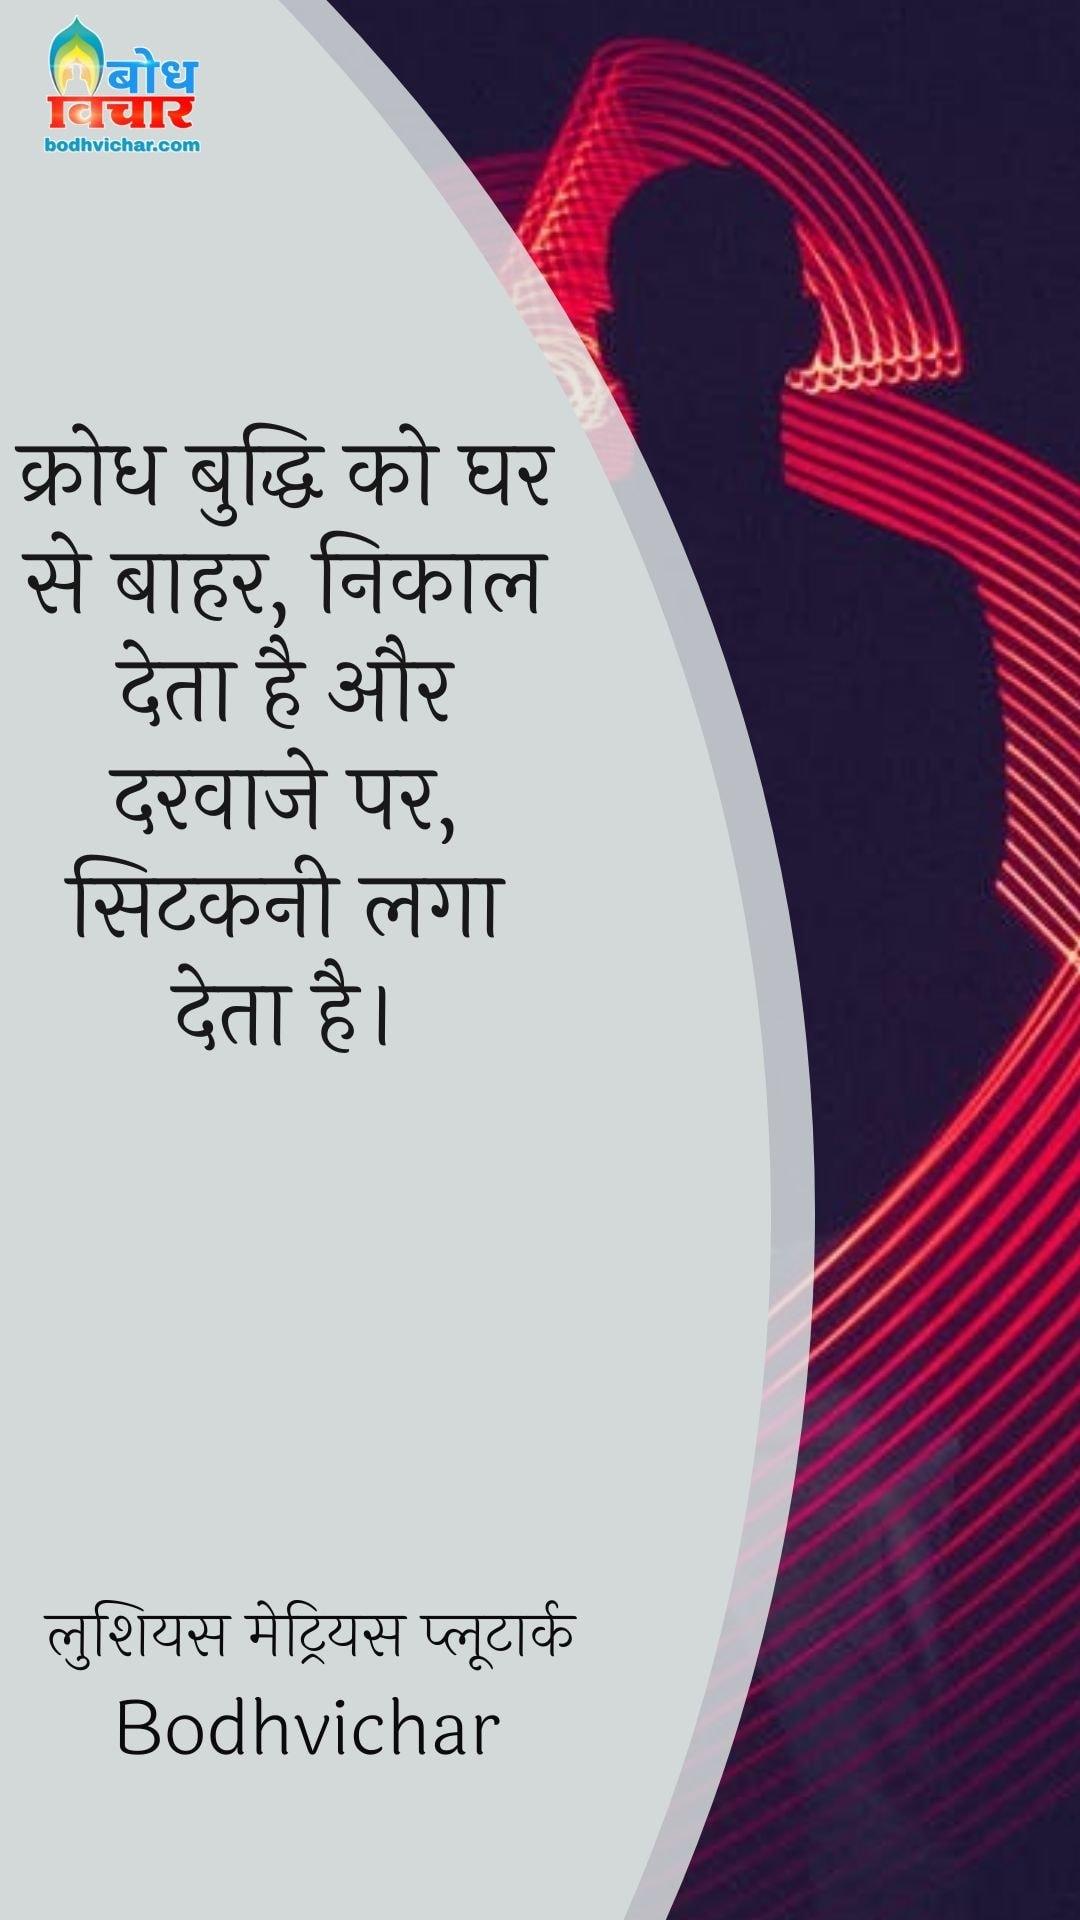 क्रोध बुद्धि को घर से बाहर, निकाल देता है और दरवाजे पर, सिटकनी लगा देता है। : Krodh buddhi ko ghar se bahar, nikal deta hai aur darvaje par sitkani laga dete hain. - लुशियस मेट्रियस प्लूटार्क